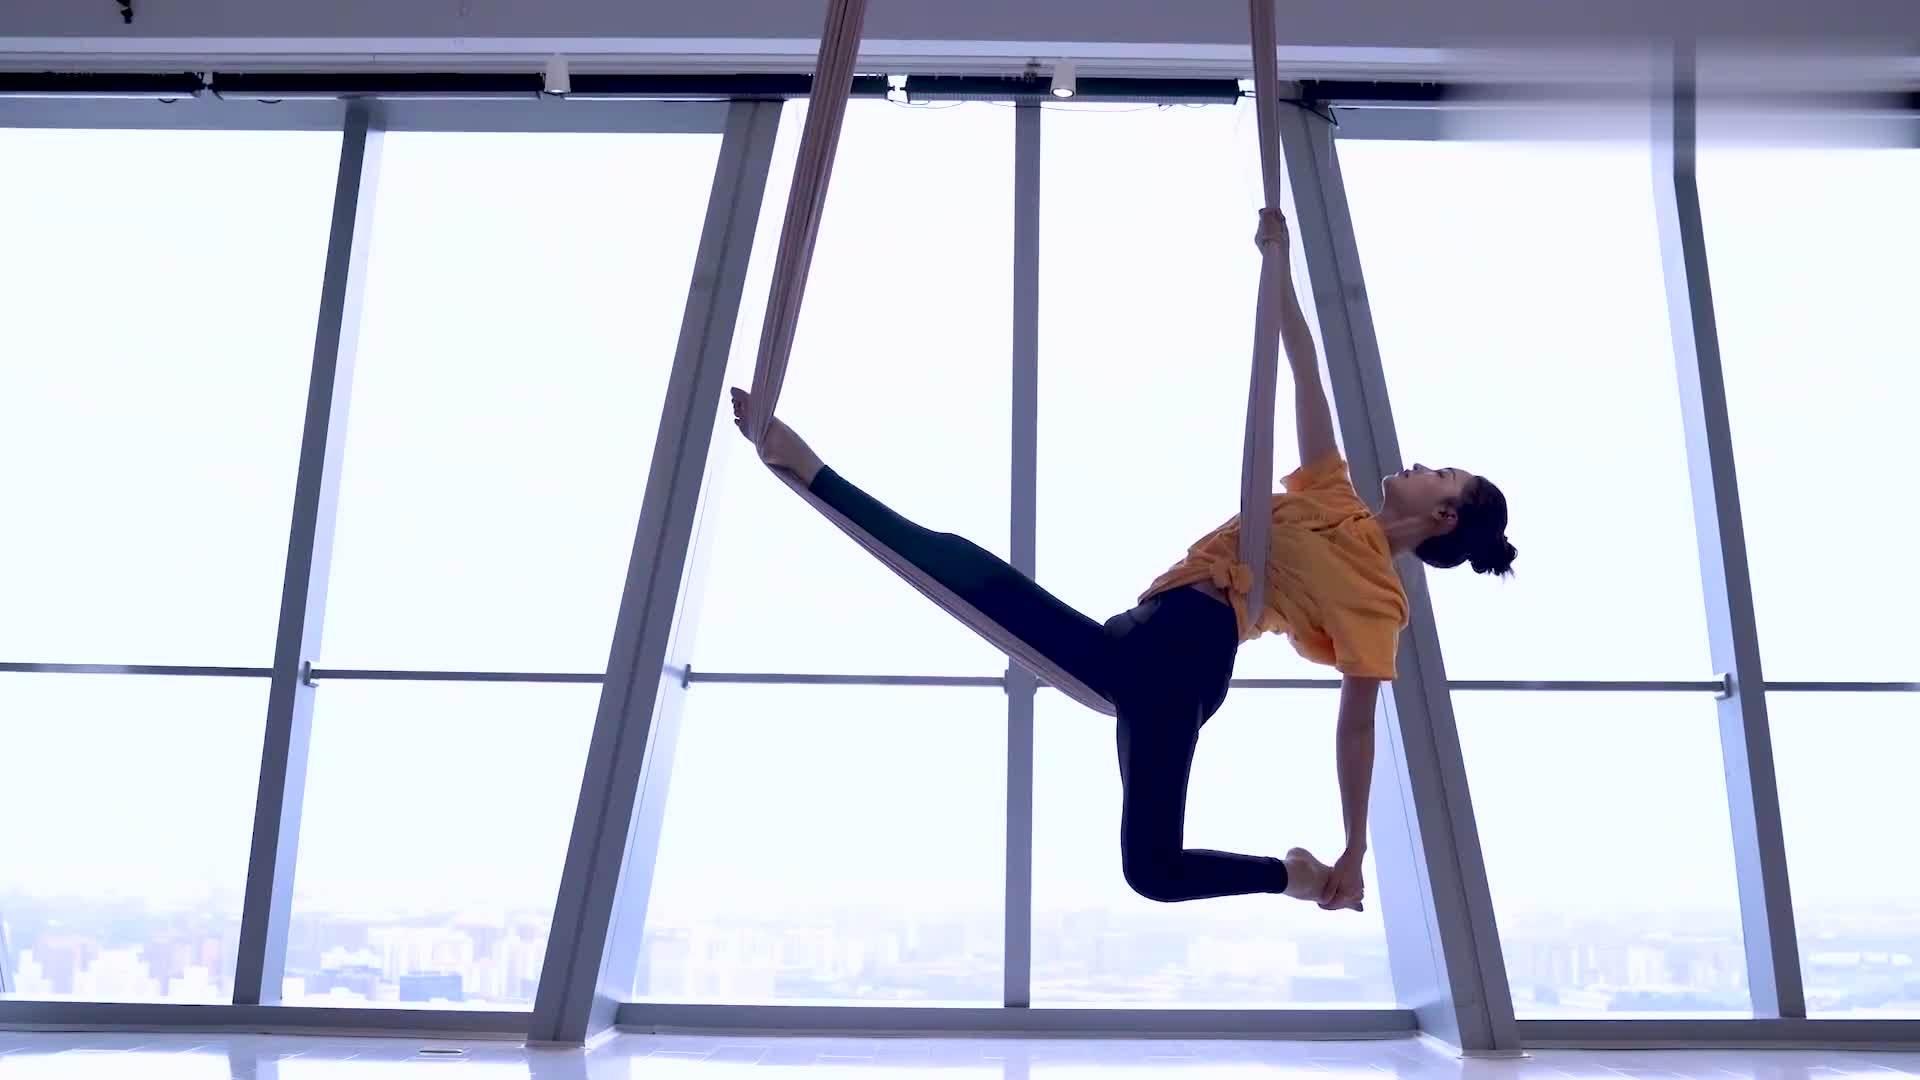 李沁生日挑战空中瑜伽 做高难度动作曲线优美